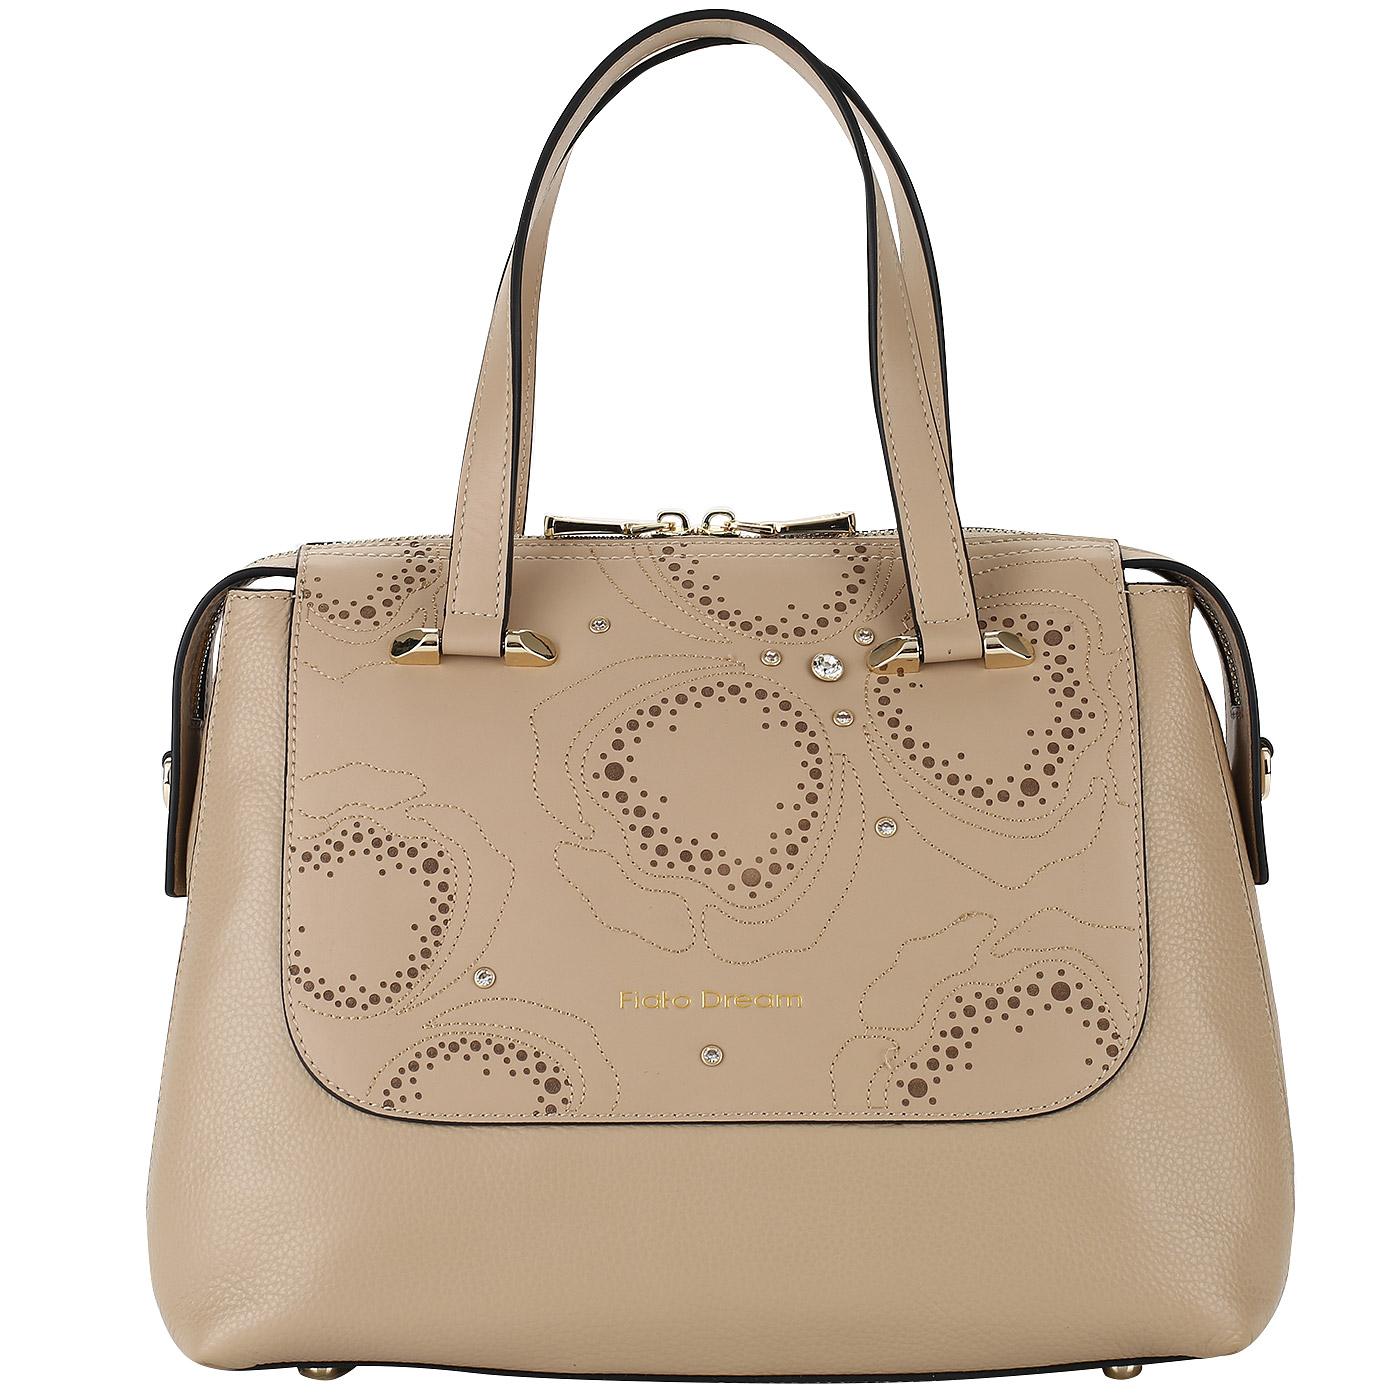 fb30cd37eafd Бежевая женская сумка из натуральной кожи Fiato Dream 1123 FD ...